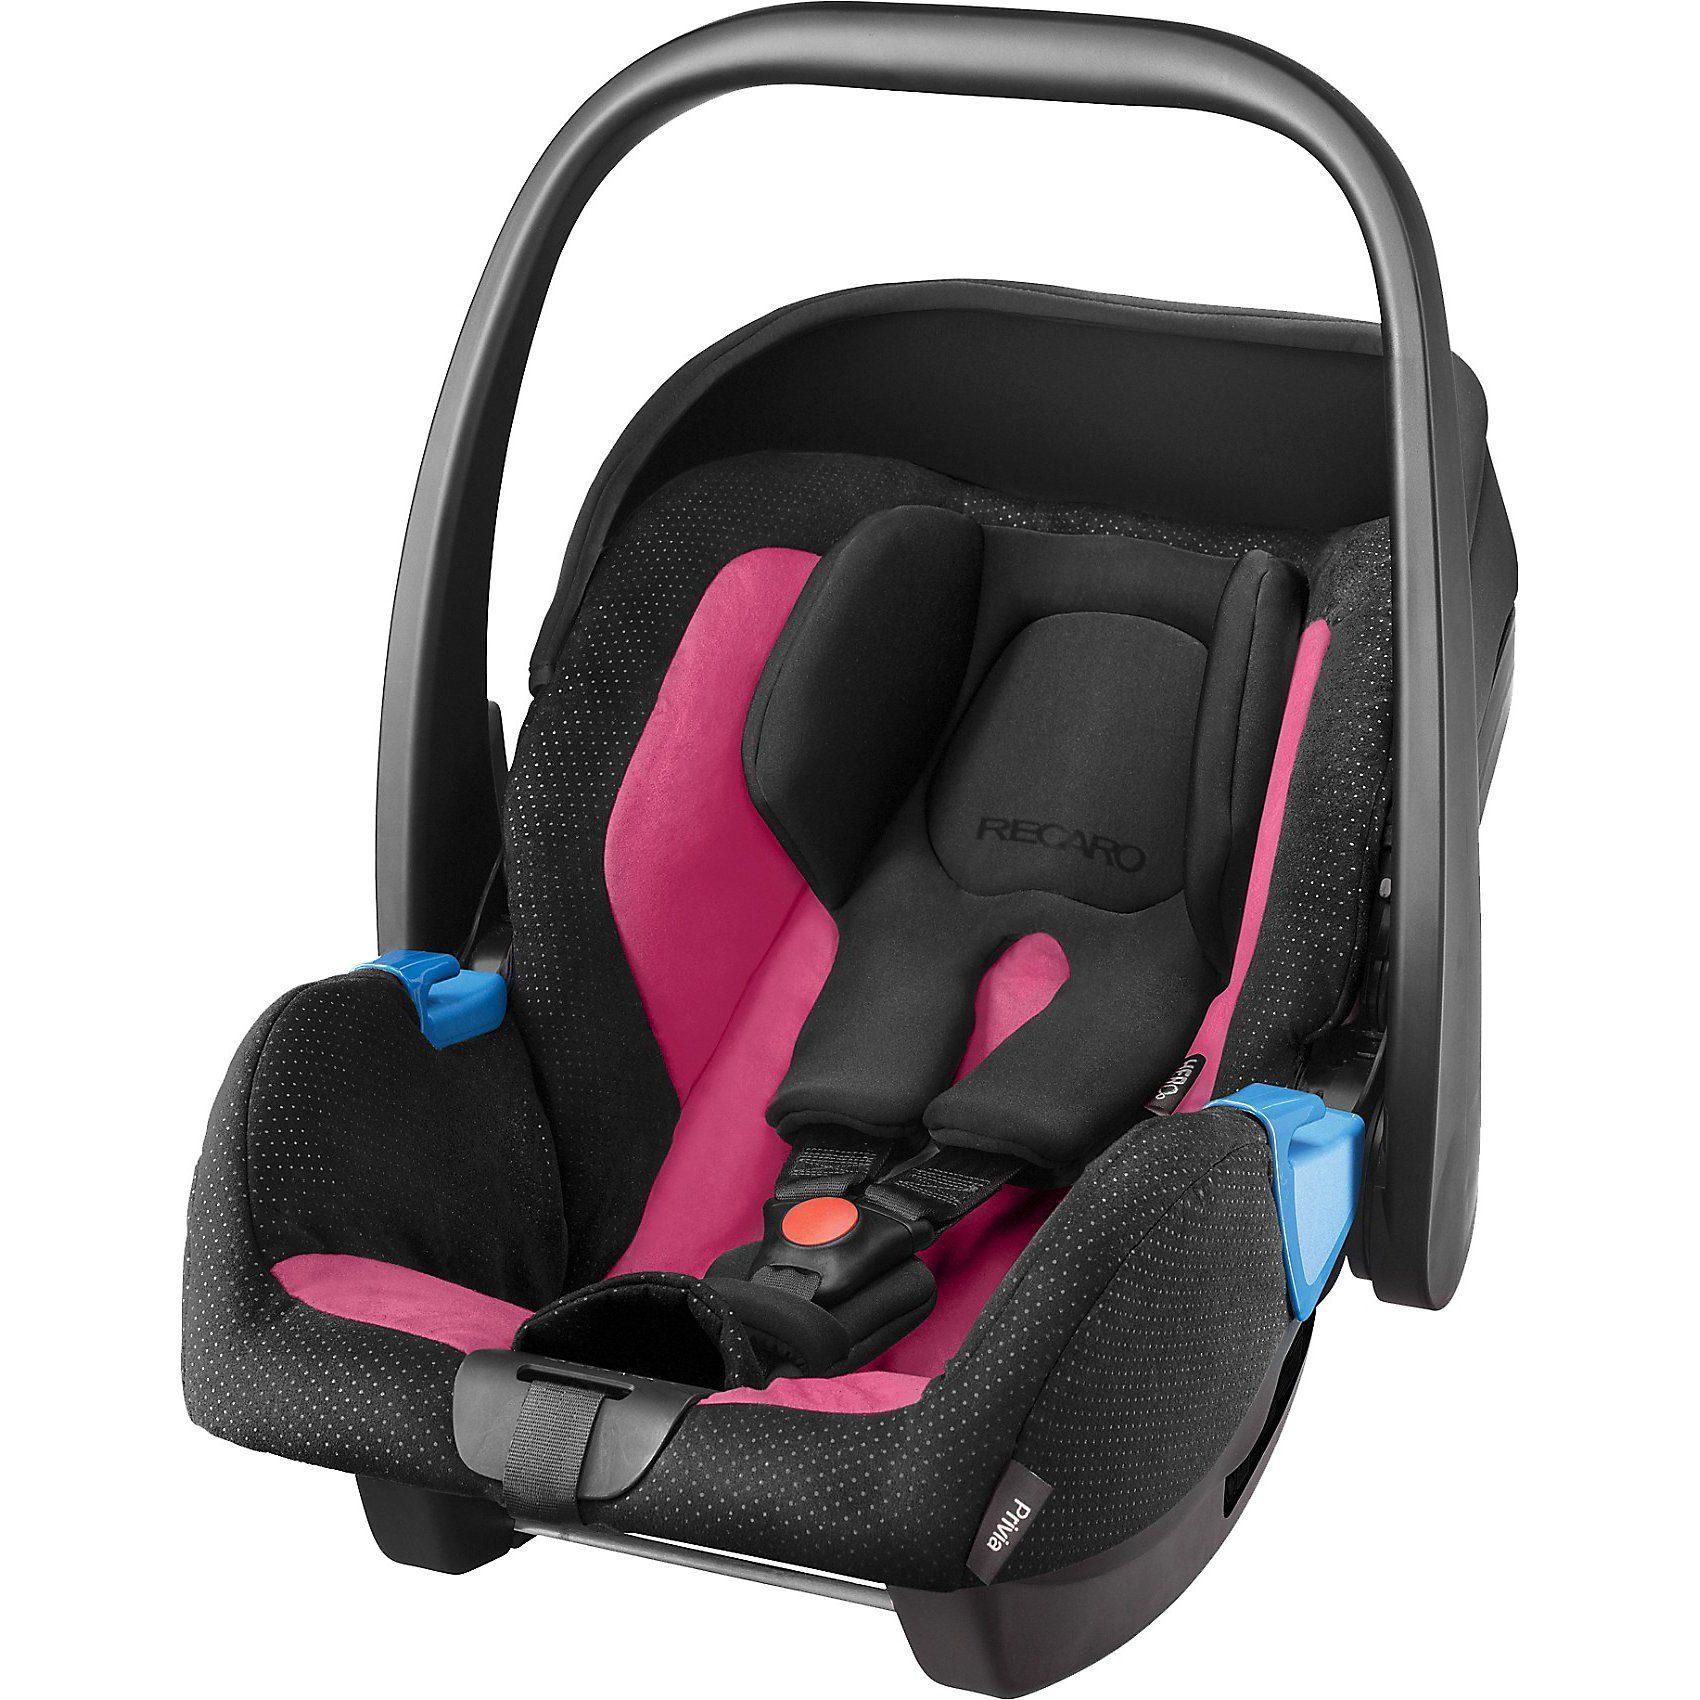 RECARO Babyschale Privia, Pink